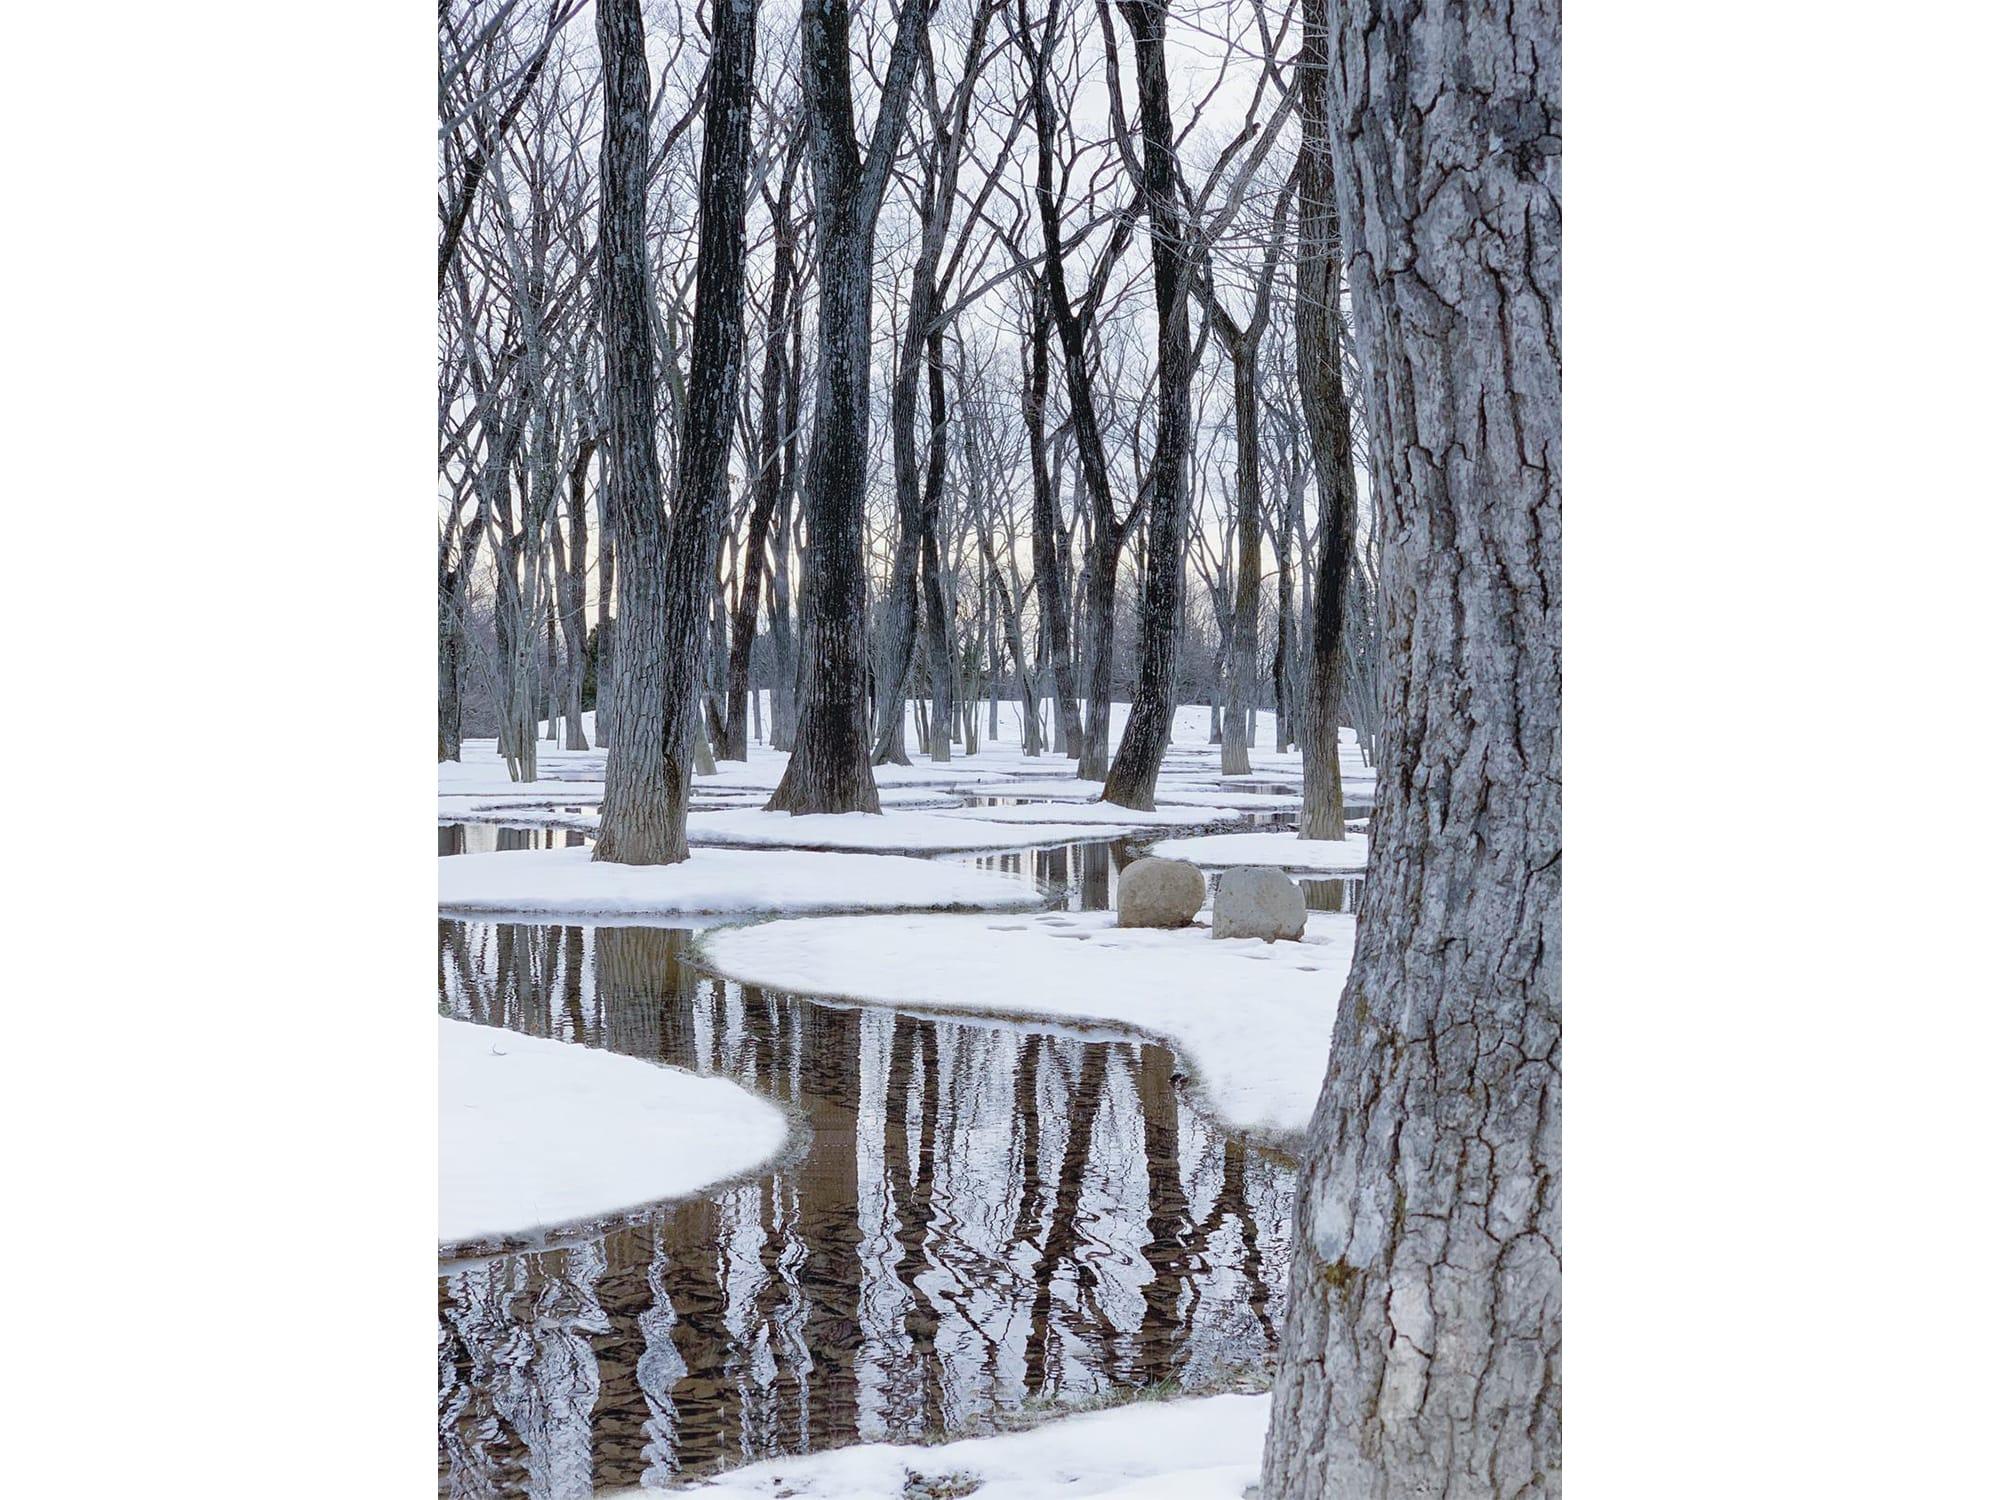 葉が落ち、雪で覆われた水庭には、木々の静かなる息づかいが聞こえてくるようだ。